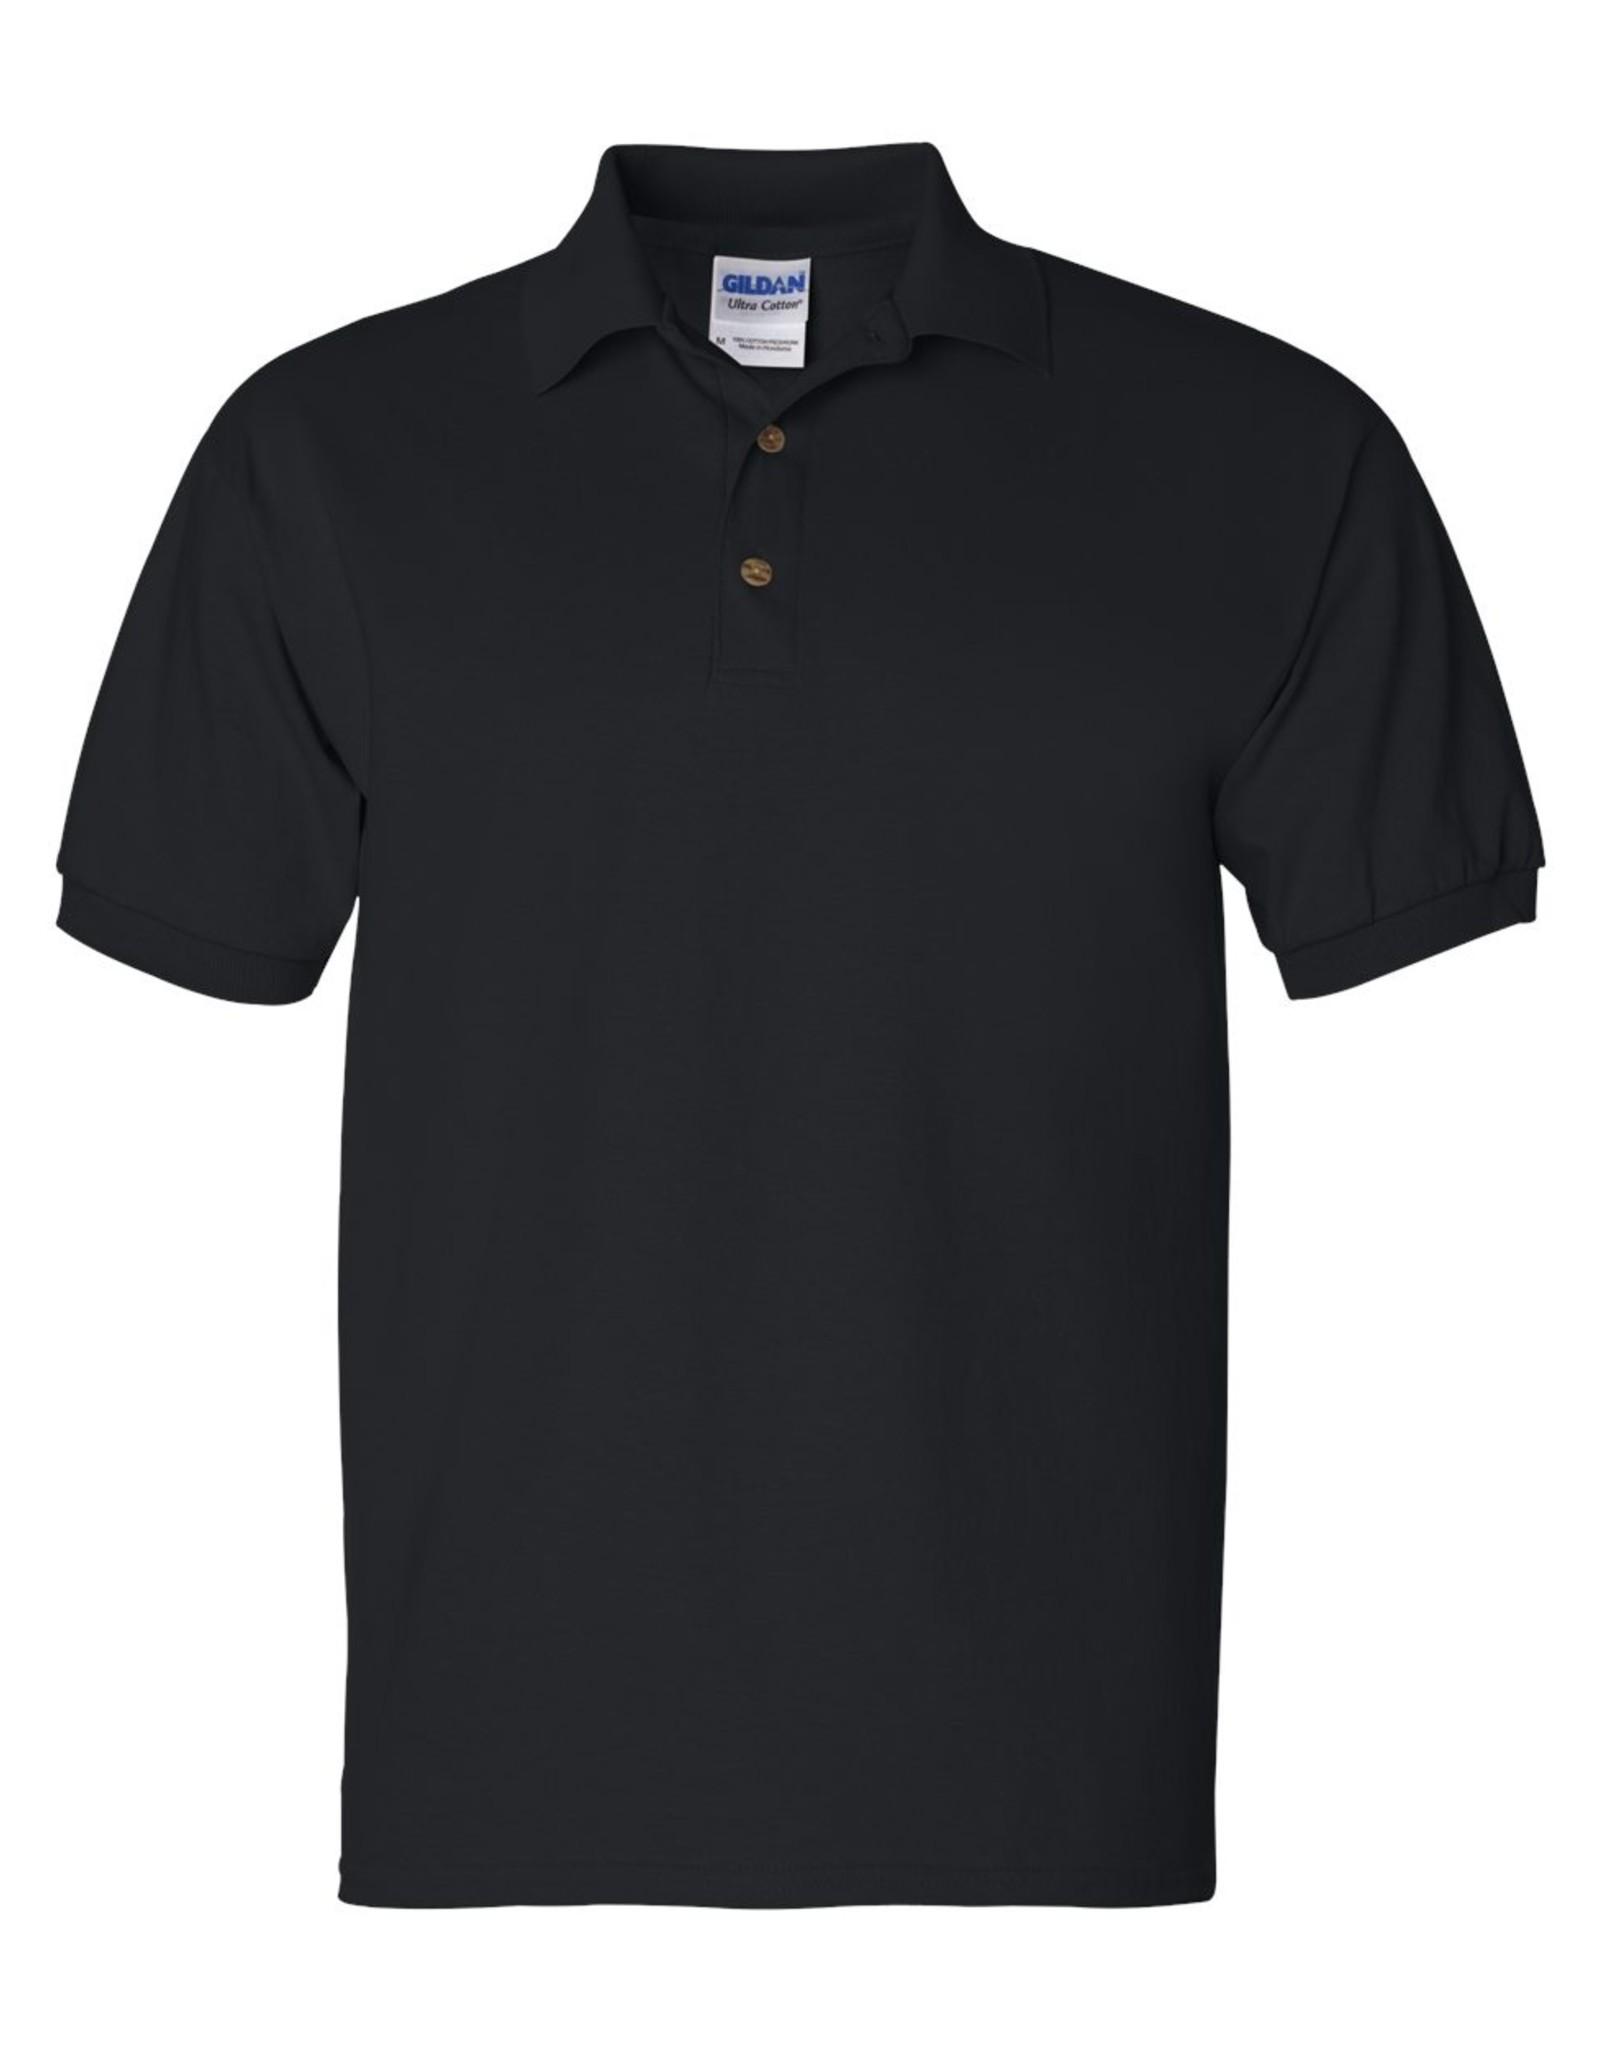 Gildan Gildan Ultra Cotton Jersey Sport Shirt